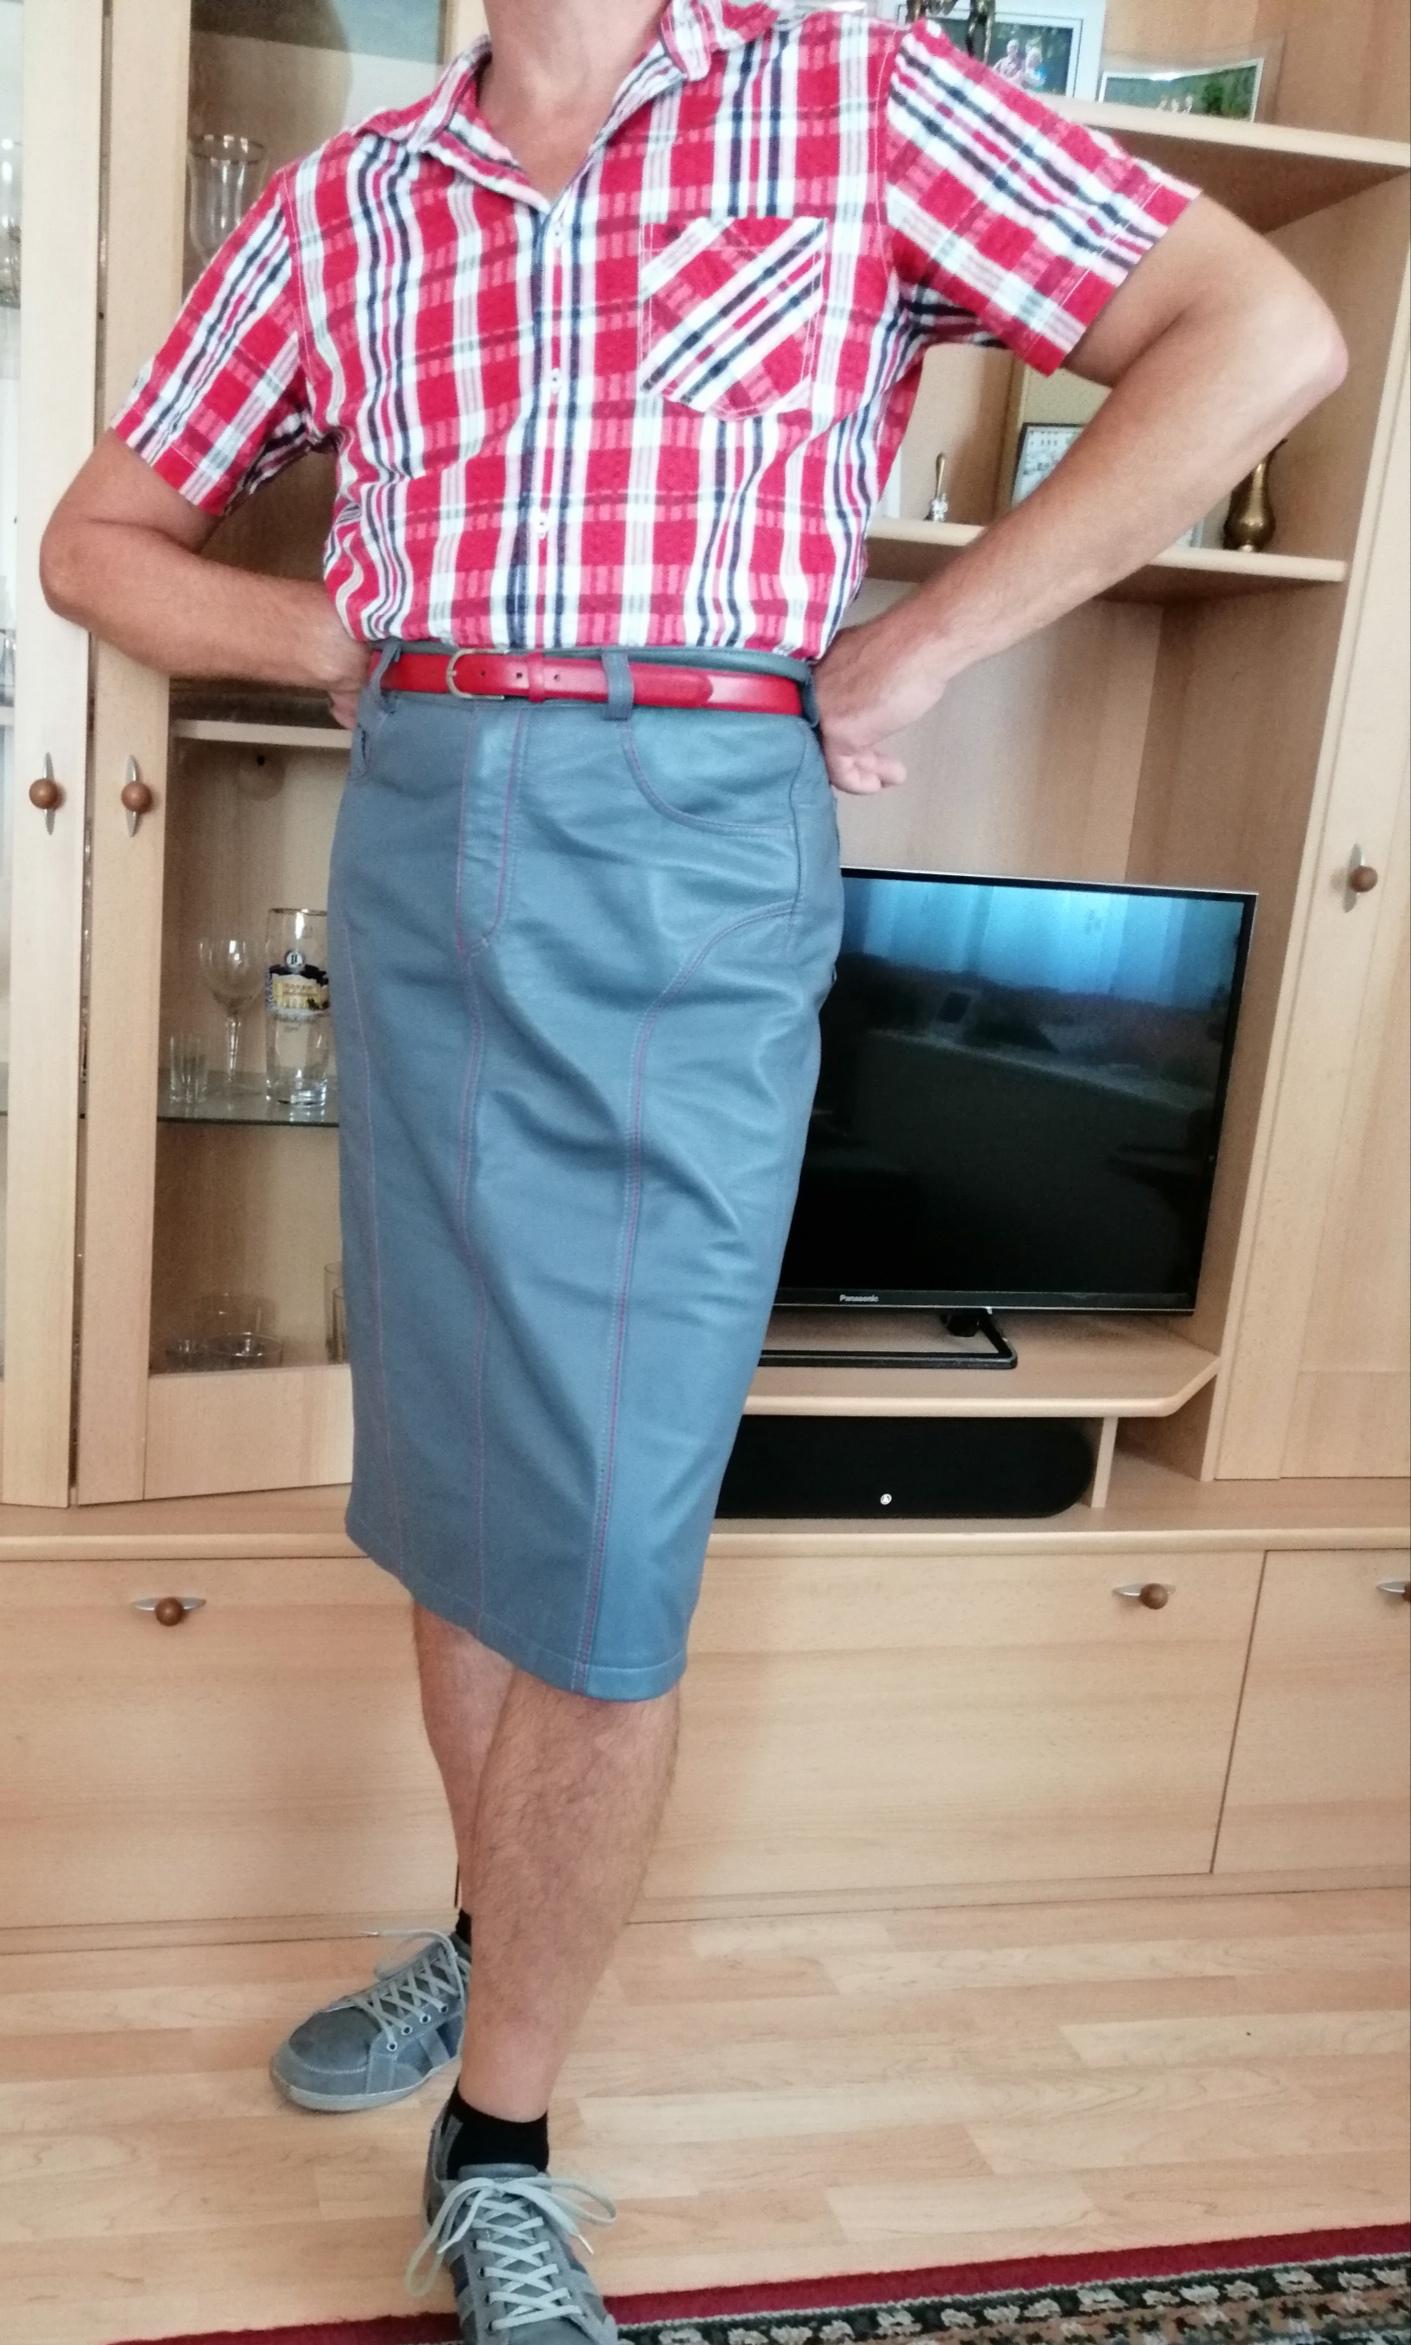 Männer Traut euch endlich Röcke zu Tragen.? (Frauen, Rock